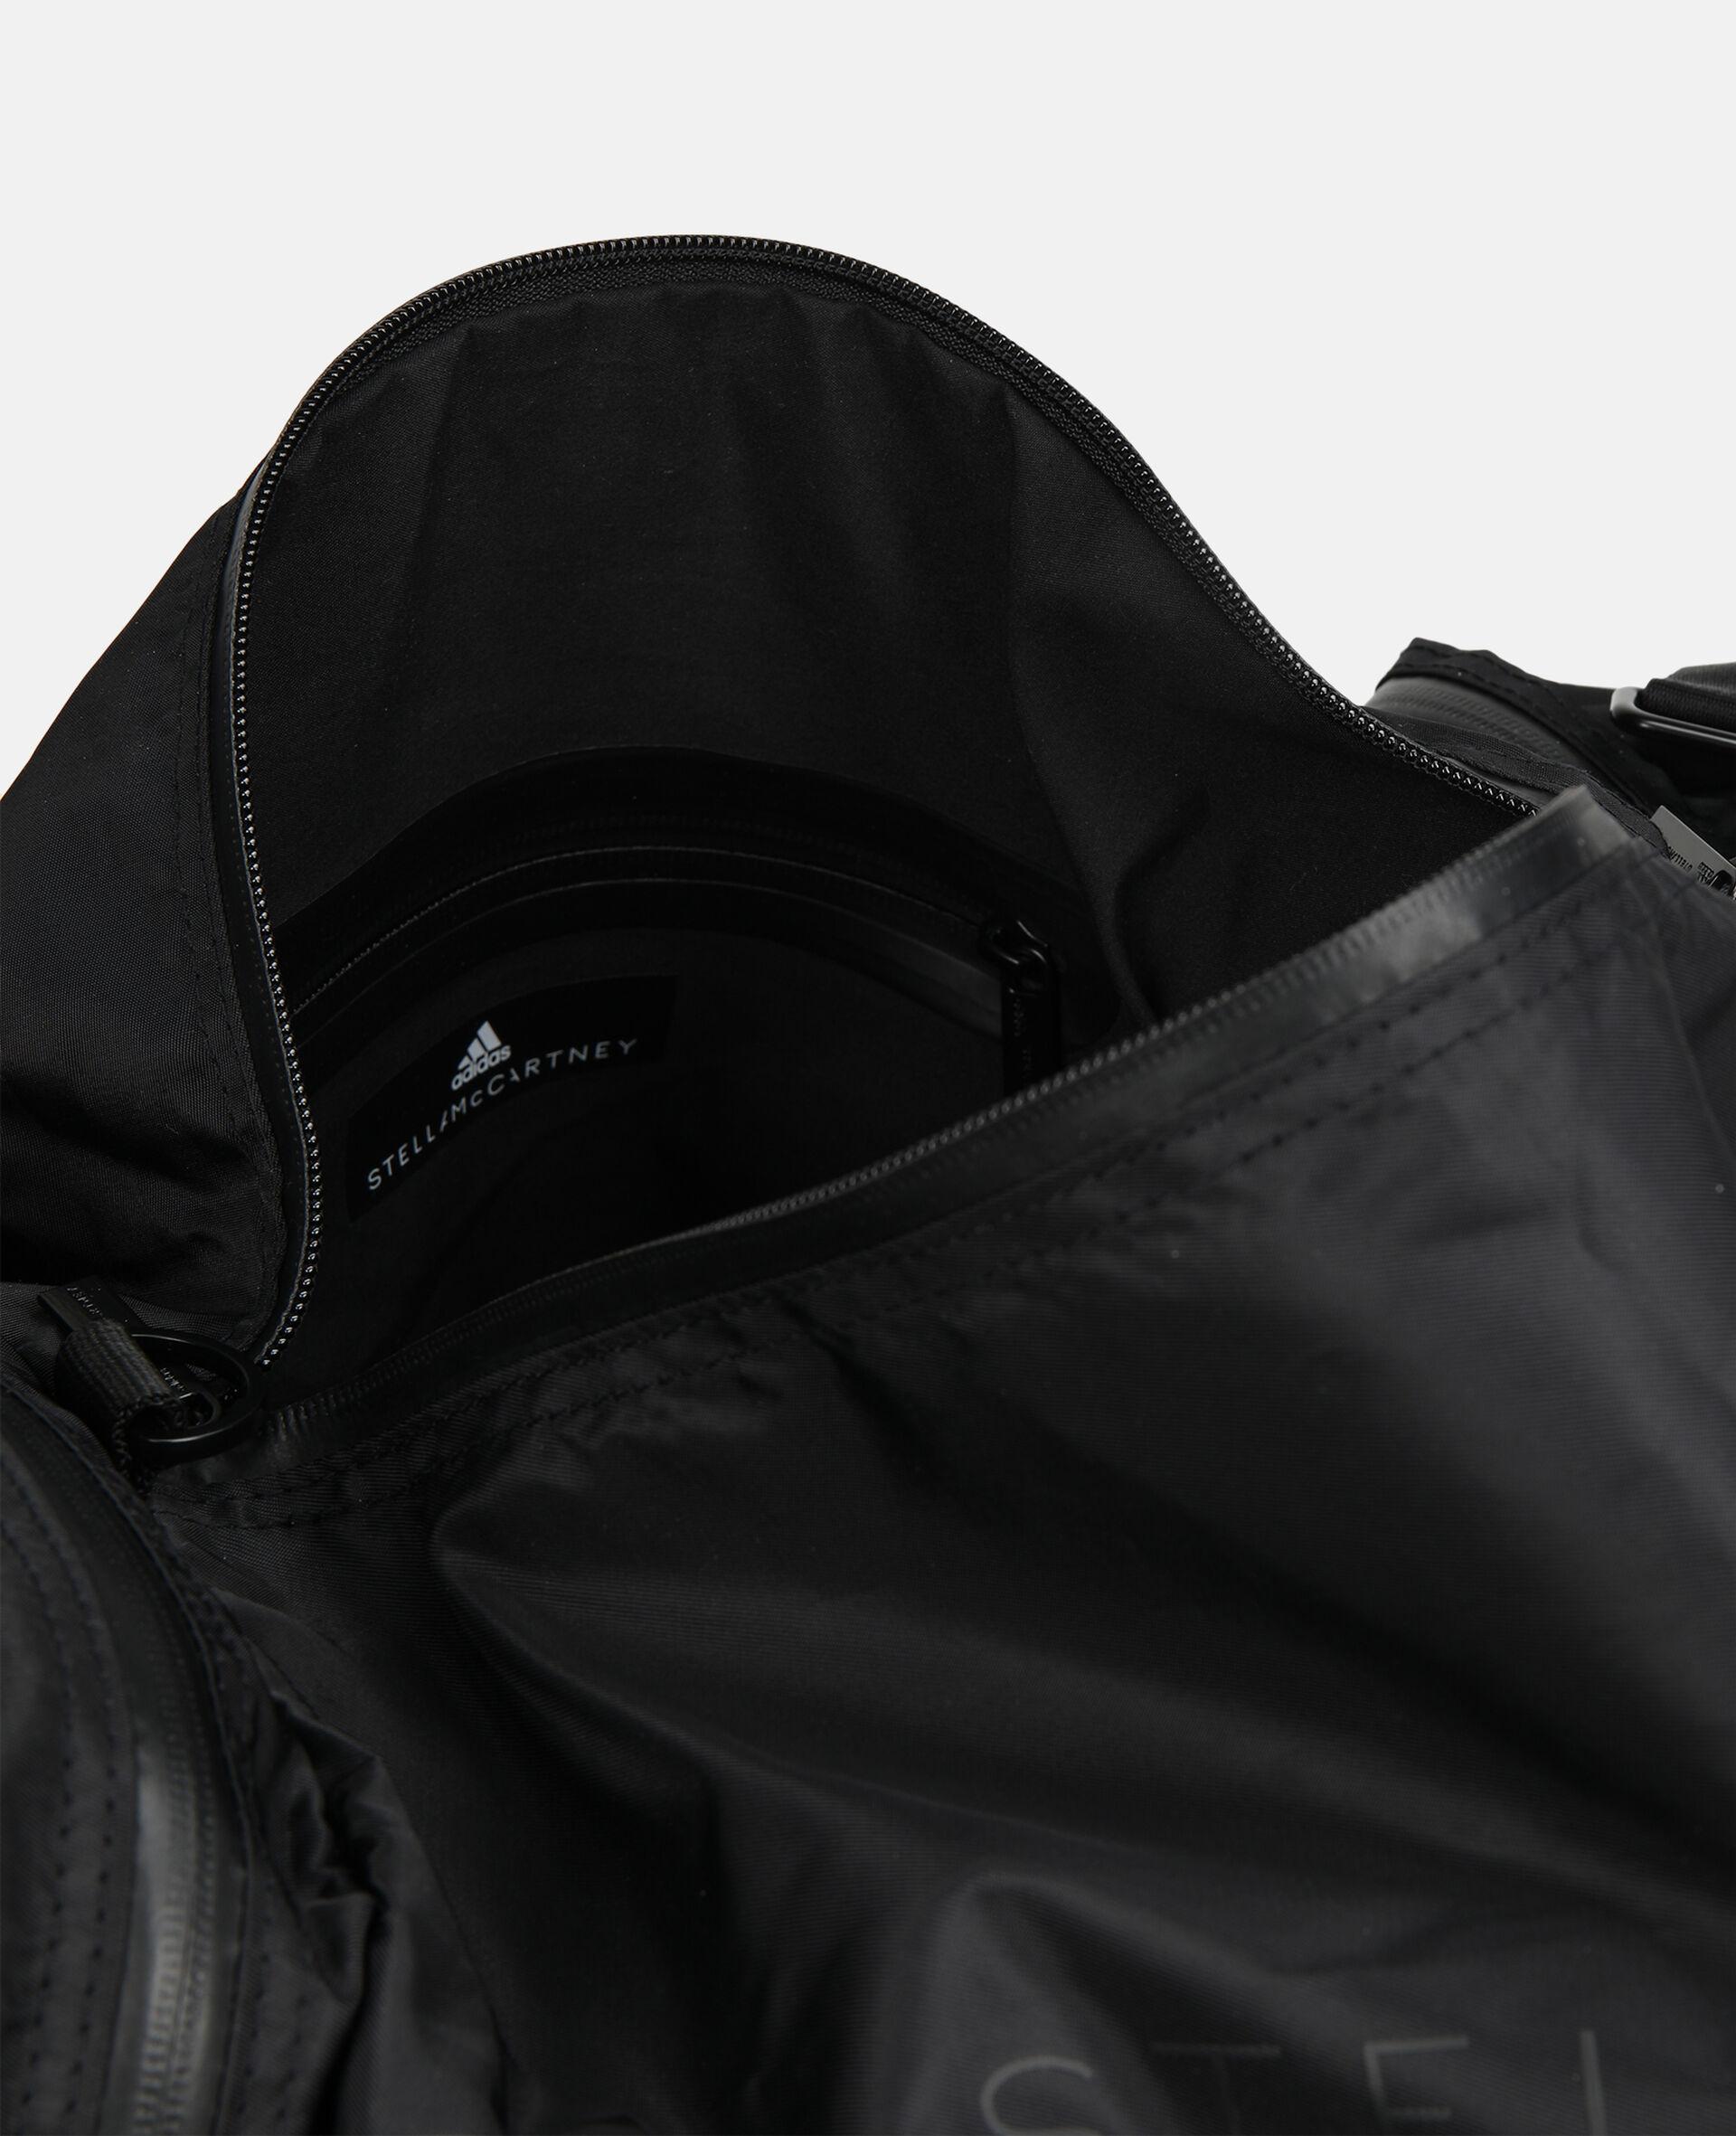 Black Squared Studio Bag-Black-large image number 2